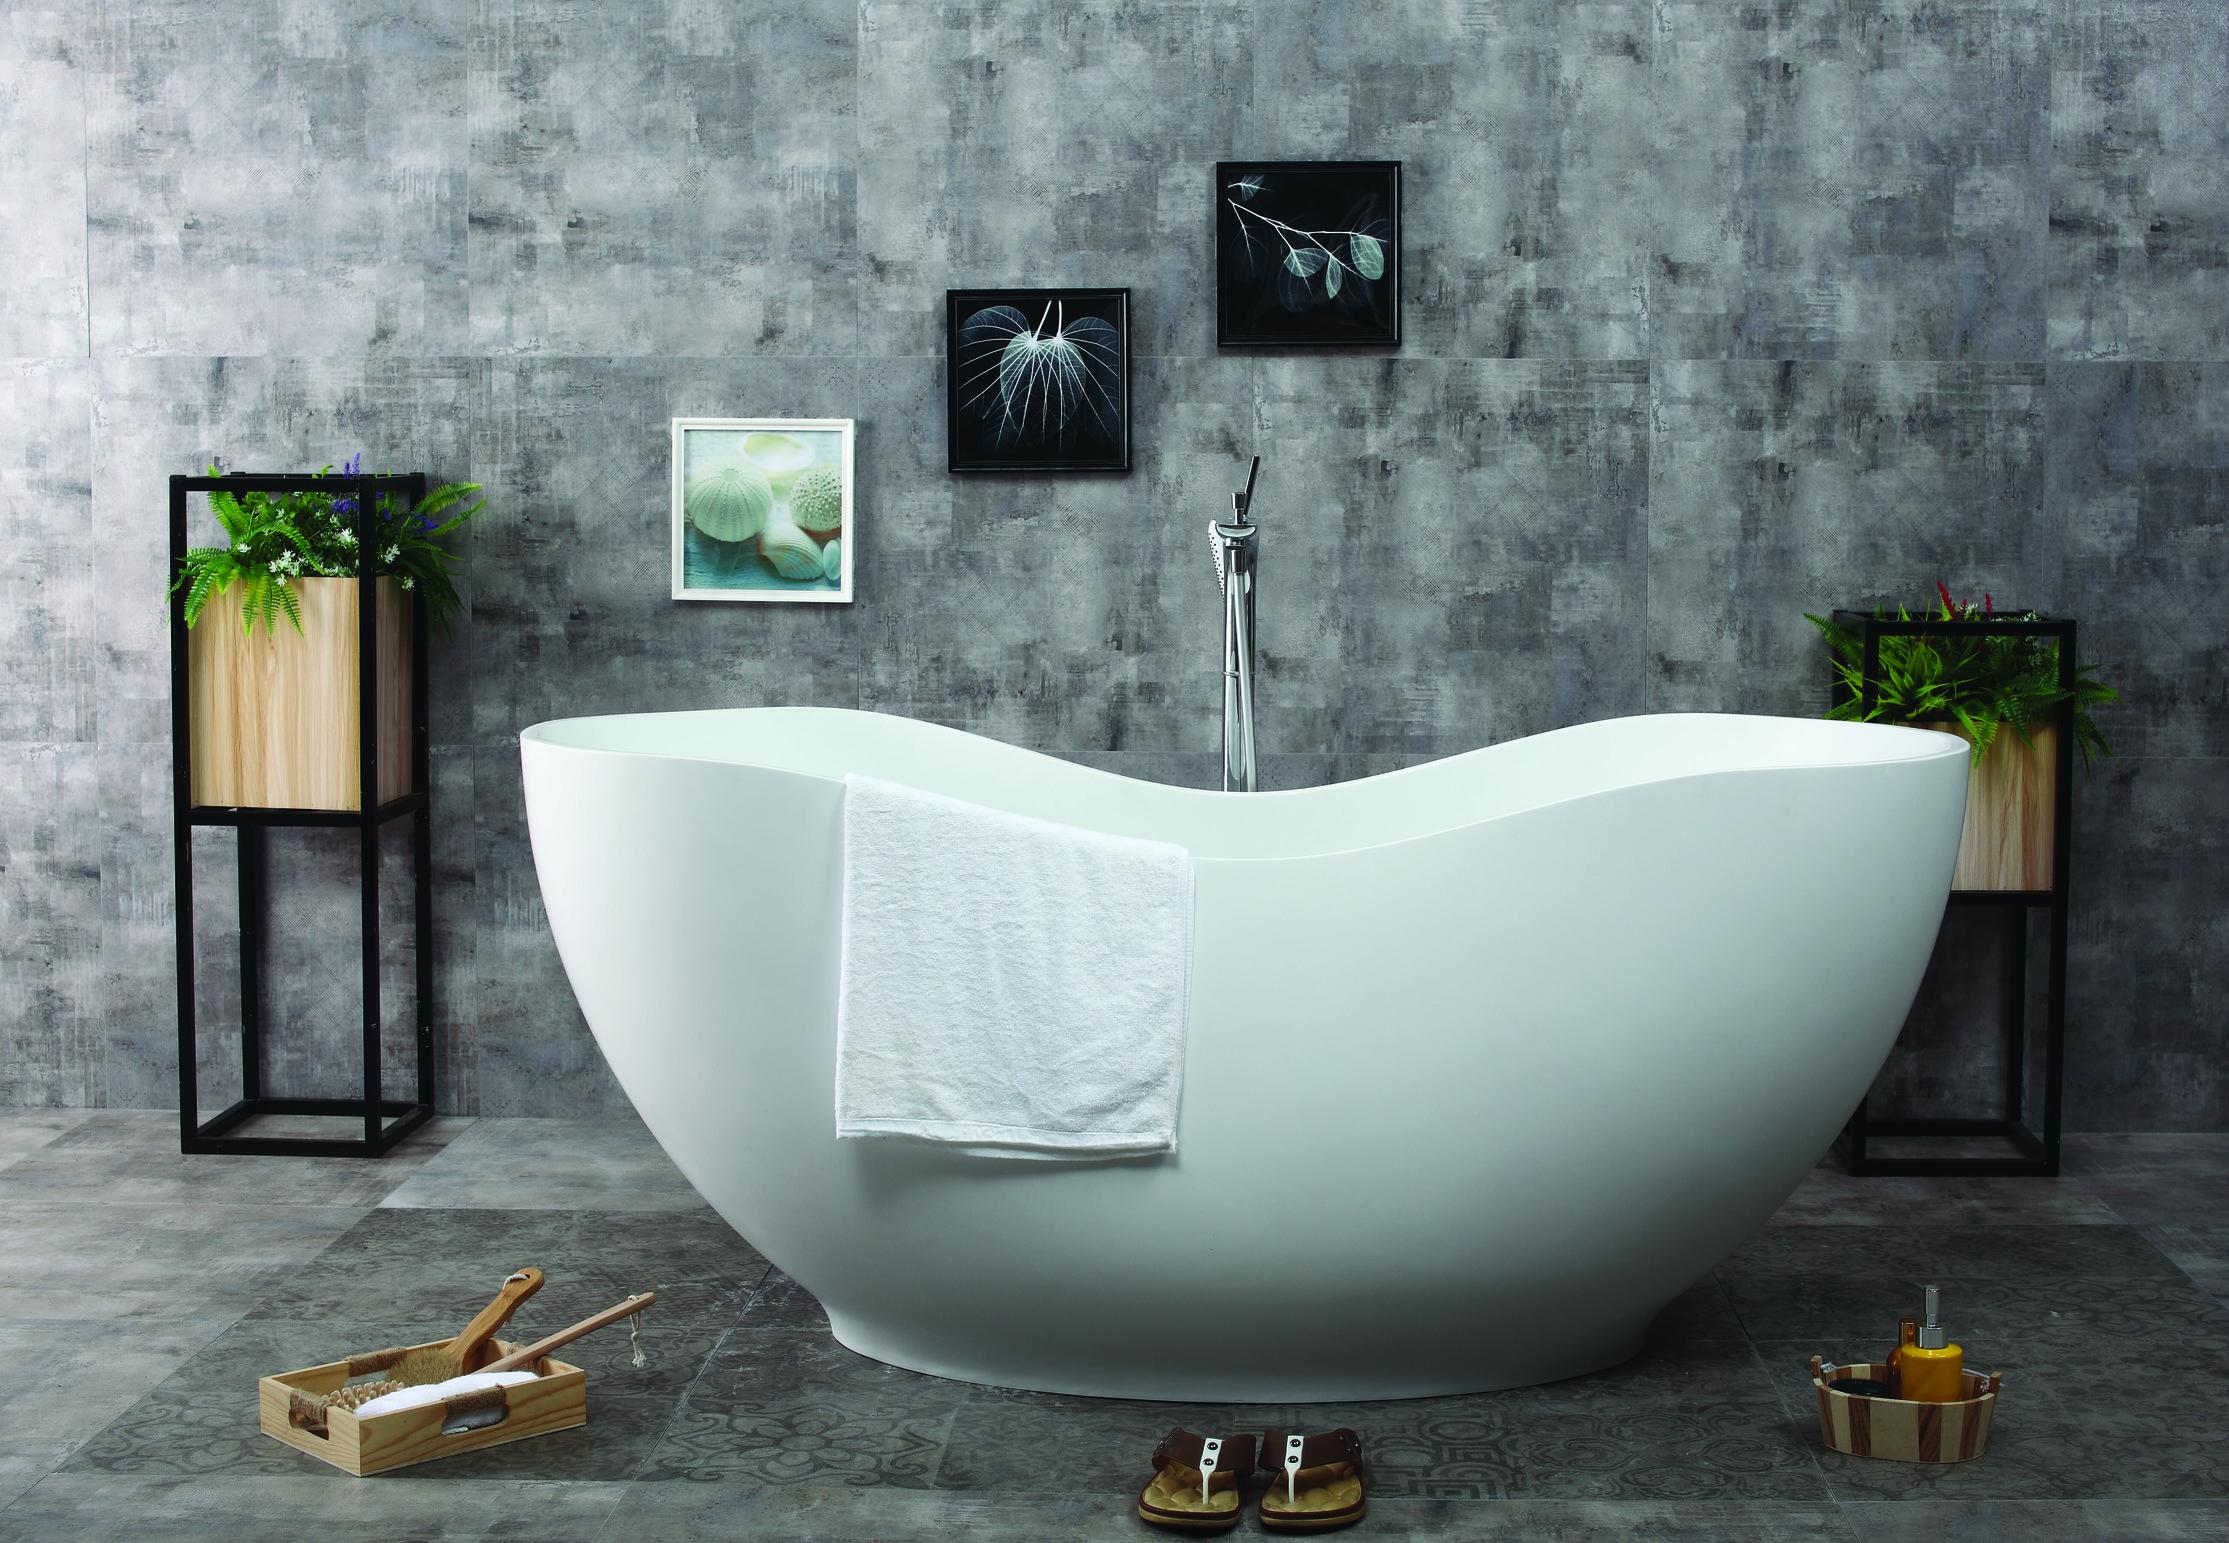 baignoire corian 06 66 x 31 bouticcelli. Black Bedroom Furniture Sets. Home Design Ideas